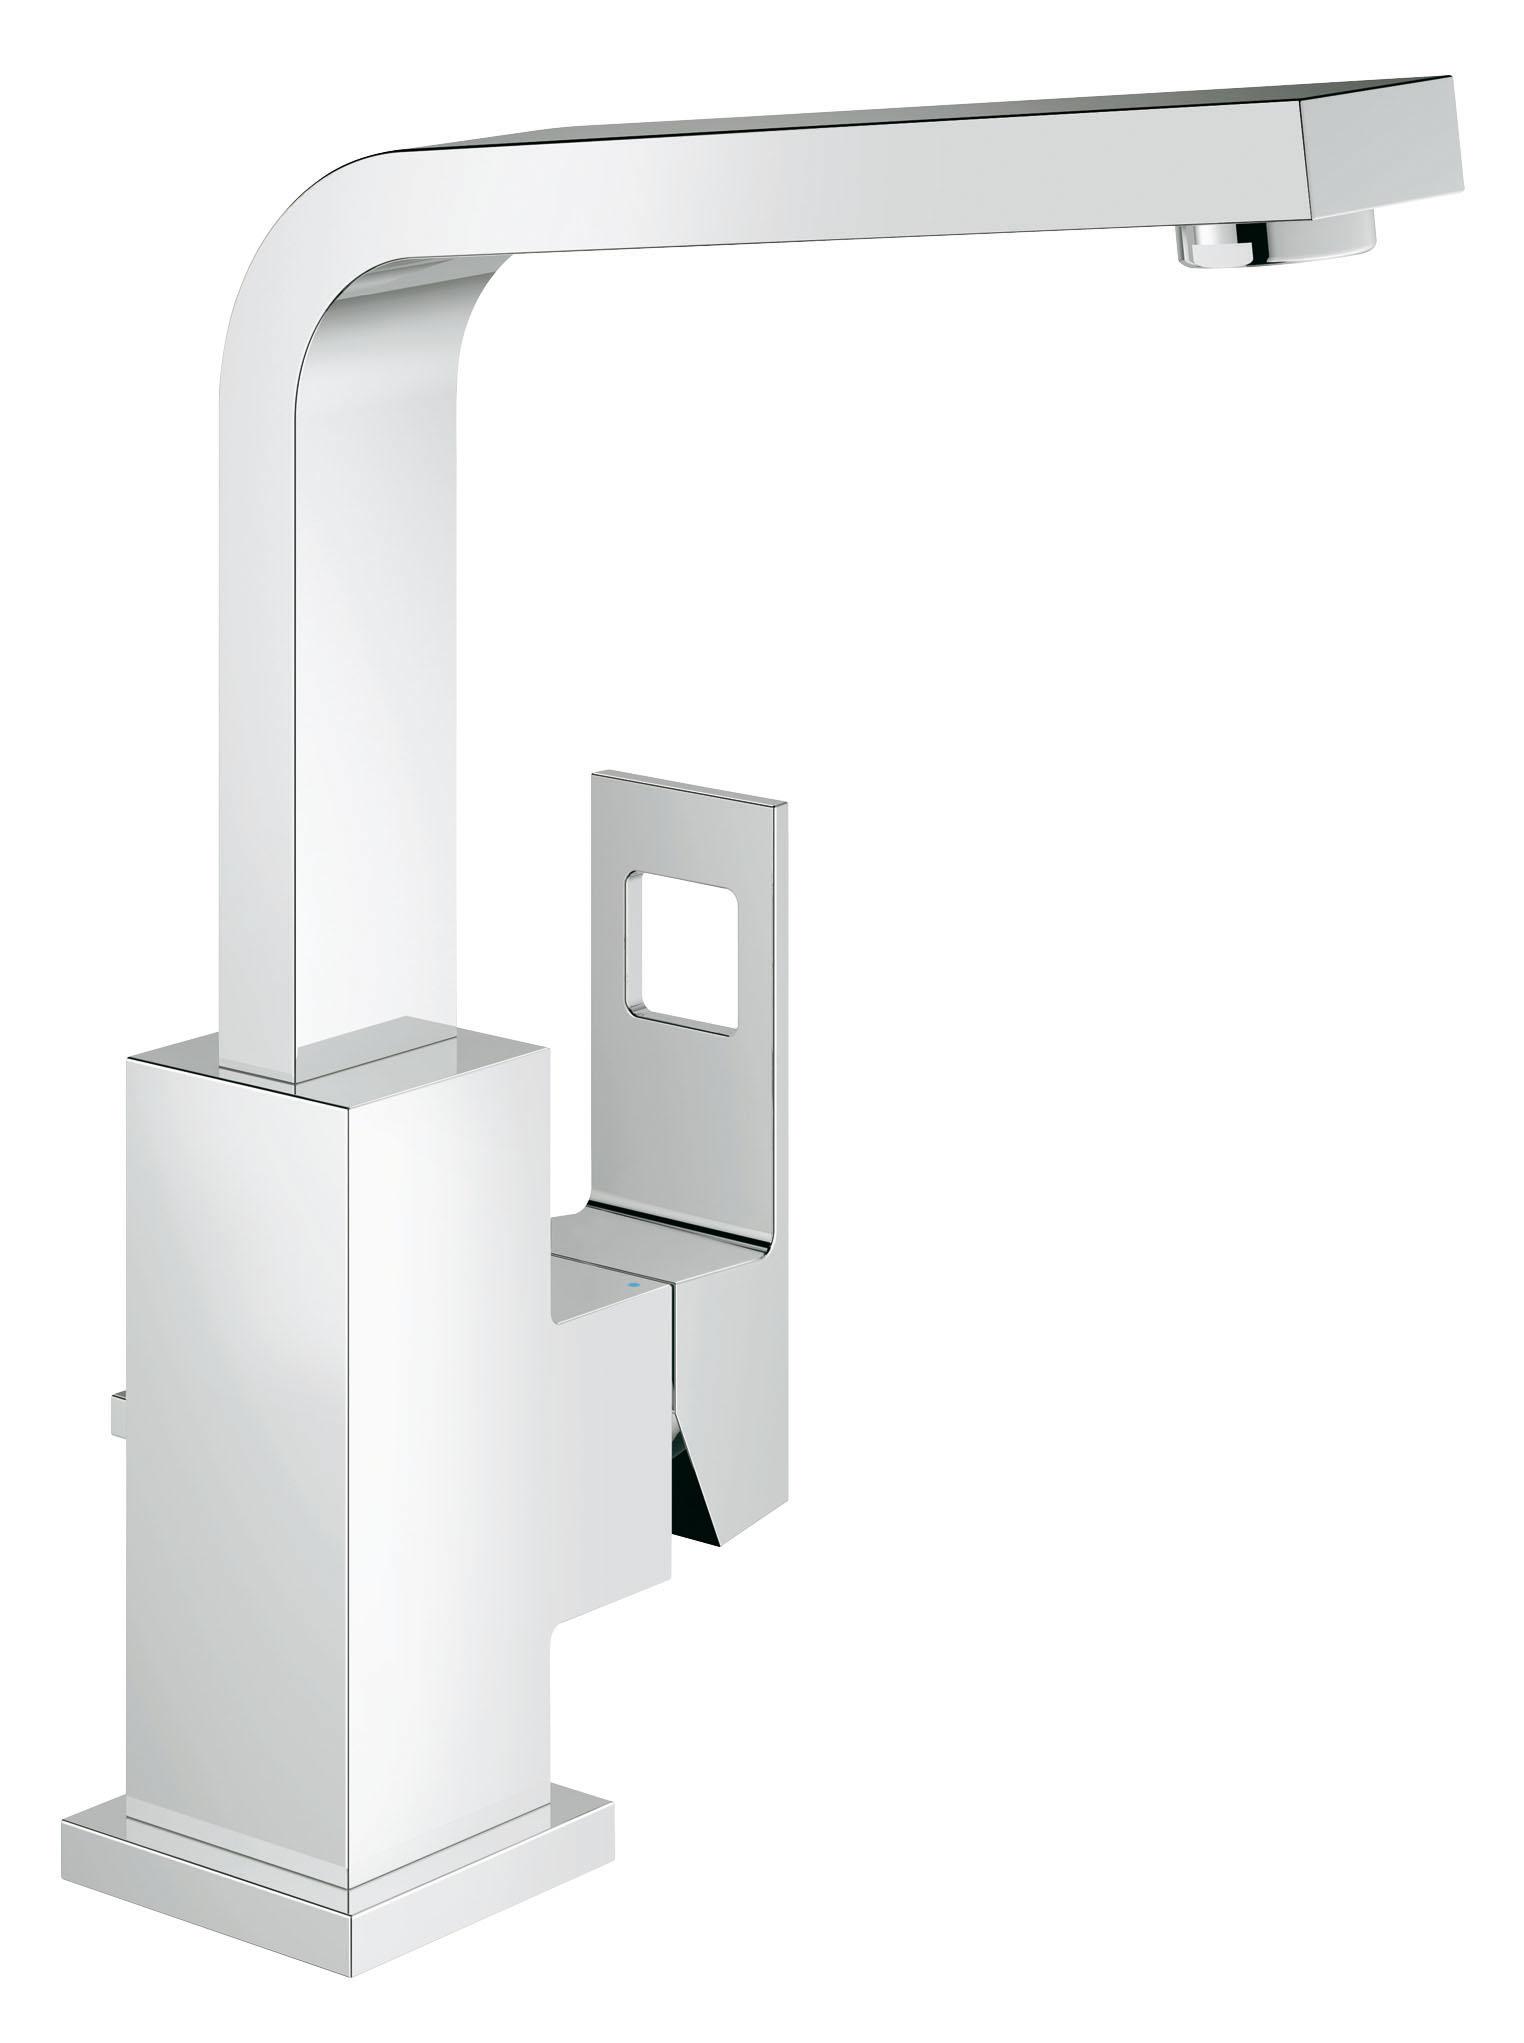 Смеситель для раковины GROHE Eurocube (23135000)68/5/3Стильный минималистичный дизайн Этот смеситель для раковины из коллекции Eurocube тщательно продуман во всем до мельчайших деталей и отличается оригинальным и эффектным внешним видом. Он имеет единственный боковой рычаг управления и непременно станет центром внимания в интерьере Вашей ванной комнаты. Его привлекательный внешний вид удачно дополняется не менее приятным набором функциональных характеристик. Высокий излив, вращающийся в радиусе 90°, идеально сочетается с наиболее крупными раковинами и позволяет без затруднений наполнять высокие емкости и мыть голову в раковине. В конструкции рычага применяется технология GROHE SilkMove, благодаря которой он плавно движется во всех направлениях и дает возможность с легкостью управлять температурой и напором воды. Сливной клапан легко открывается и закрывается с помощью подъемного штока, встроенного в корпус смесителя сзади. Благодаря своим характерным кубовидным формам и хромированному покрытию GROHE StarLight, этот смеситель станет восхитительным акцентом в интерьере Вашей ванной комнаты и сохранит свой безупречный сияющий вид даже после многих лет службы.Особенности:Монтаж на одно отверстие Металлический рычаг GROHE SilkMove керамический картридж 28 мм GROHE StarLight хромированная поверхностьПоворотный, трубкообразный излив сОграничителем поворота Аэратор Сливной гарнитур 1 1/4? Гибкая подводка Монтажная система GROHE QuickFix Plus Ограничитель температуры Видео по установке является исключительно информационным. Установка должна проводиться профессионалами! Характеристики:Материал: металл. Цвет: хром. Количество монтажных отверстий: 2. Размер упаковки: 48 см x 20 см x 10,2 см. Артикул: 23135000.